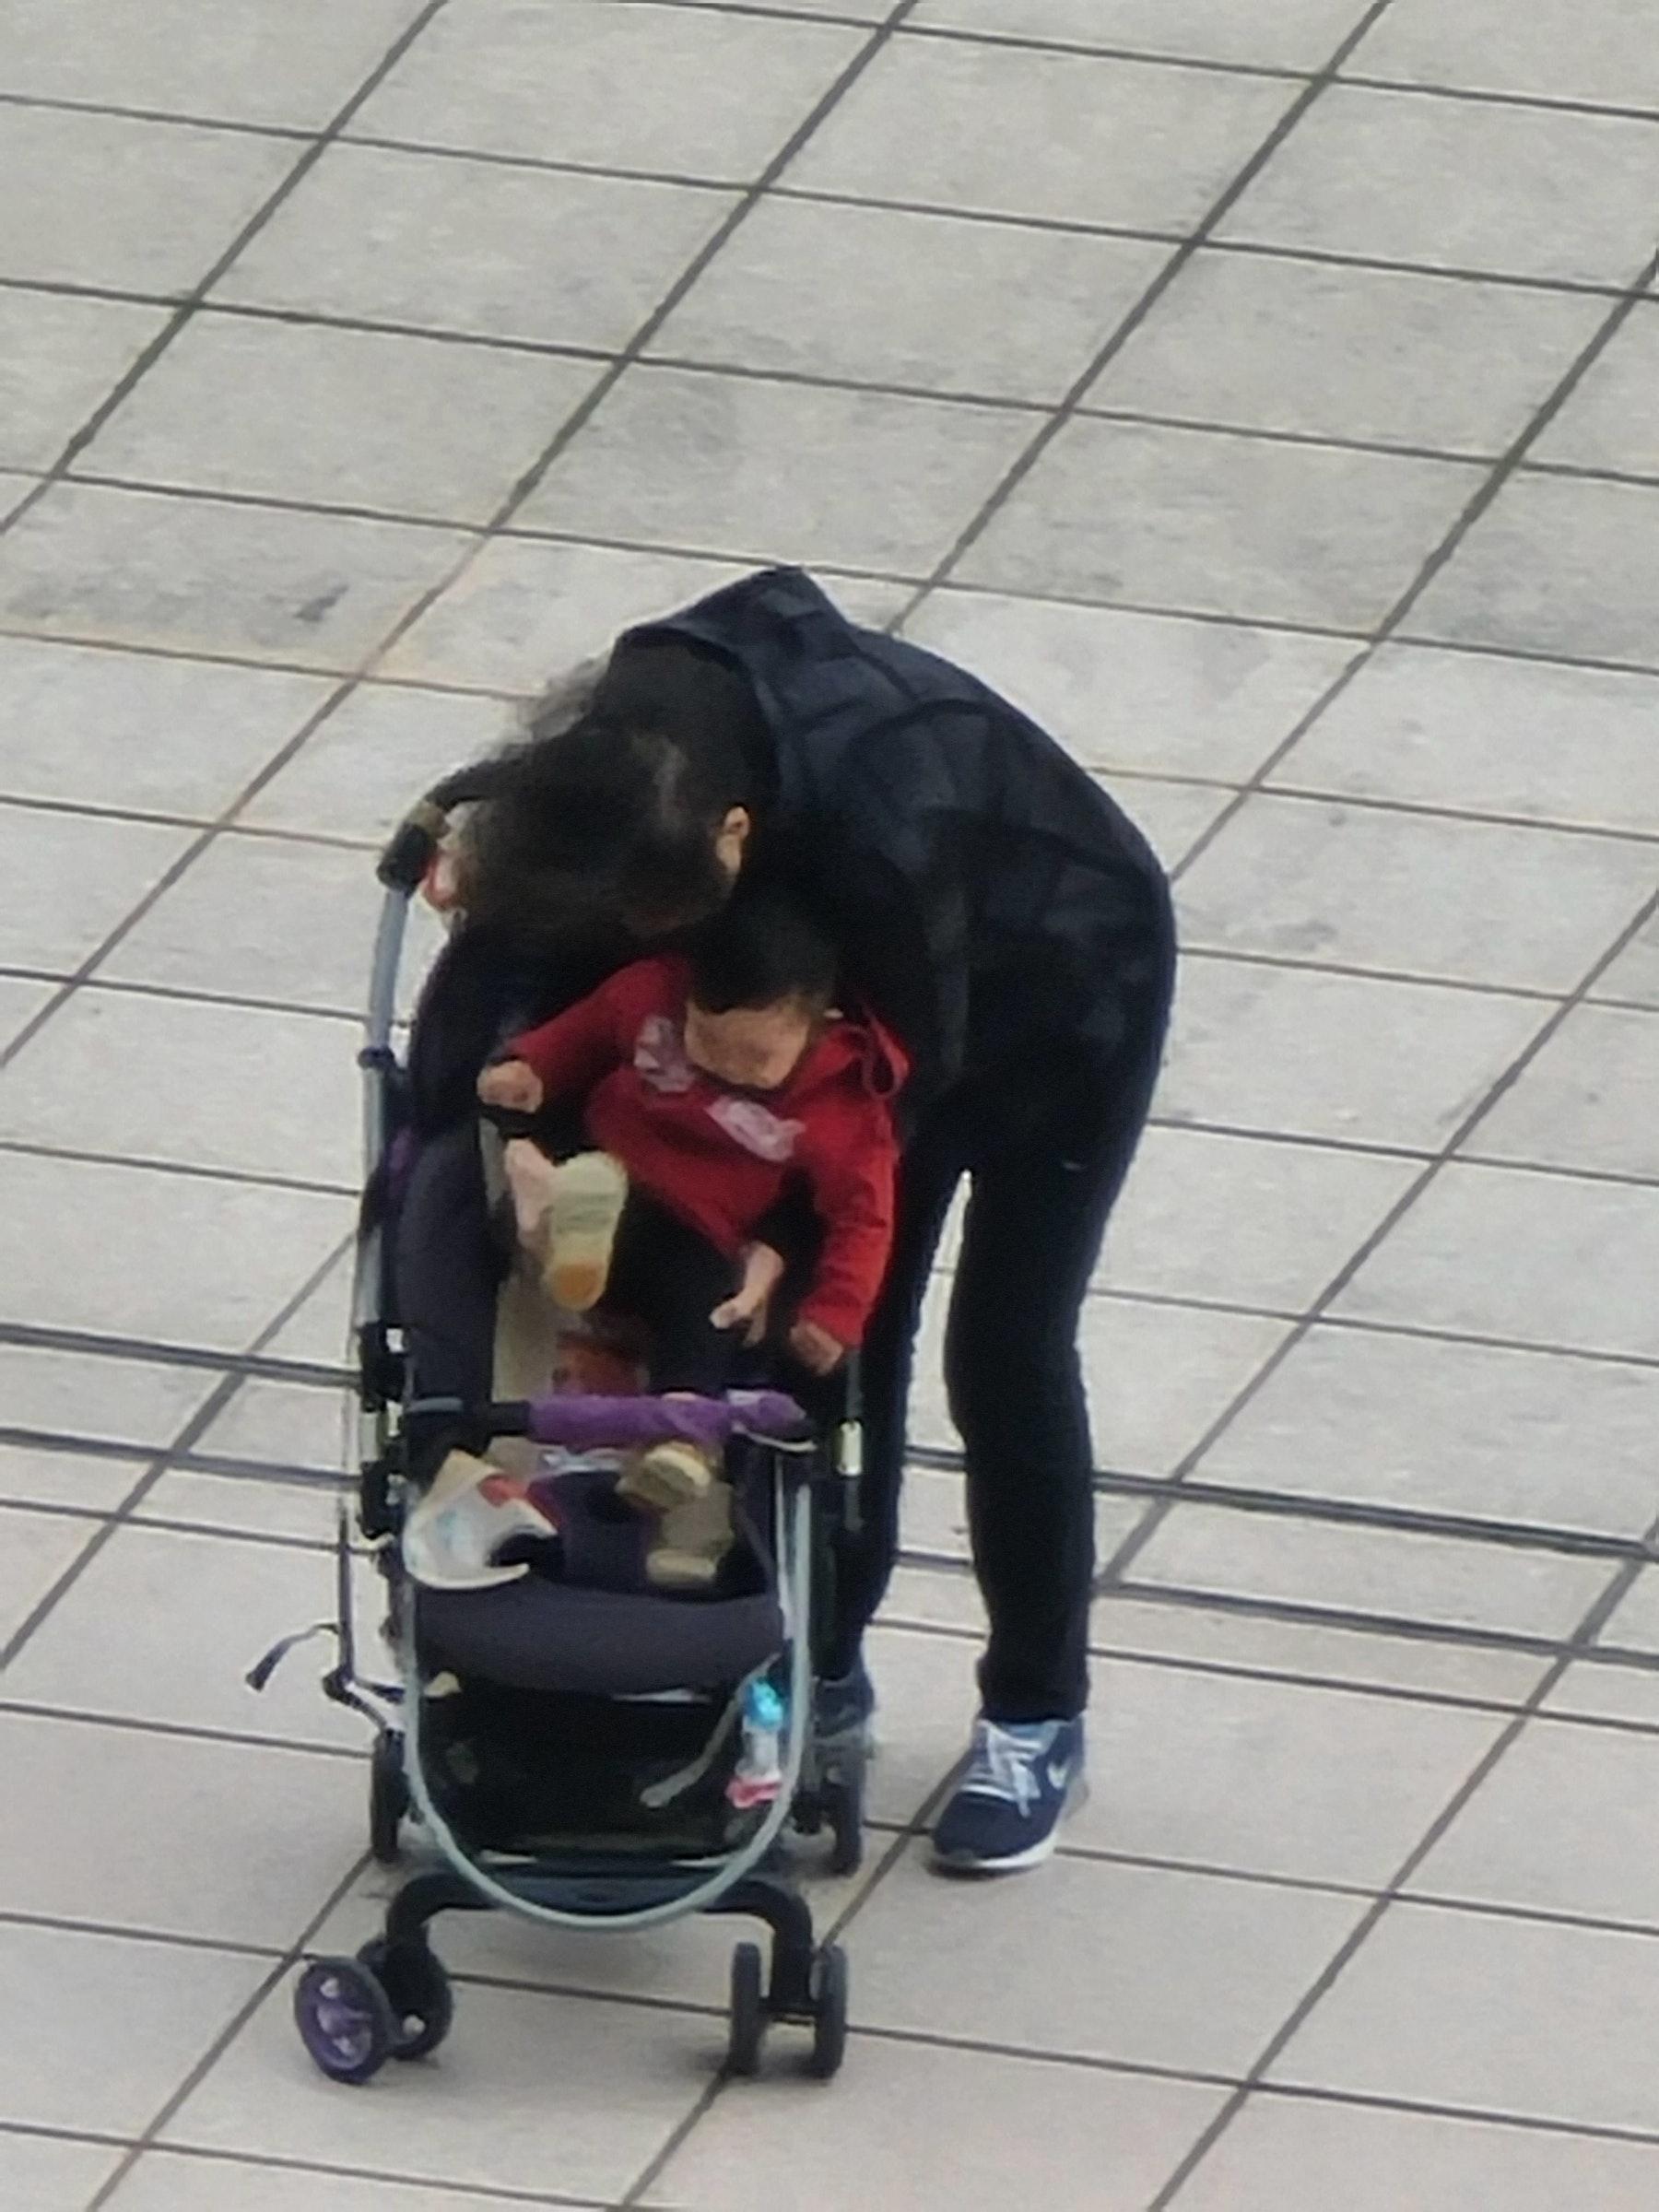 照片中包含了婴儿车、婴儿运输、健康、个人保护设备、轮椅